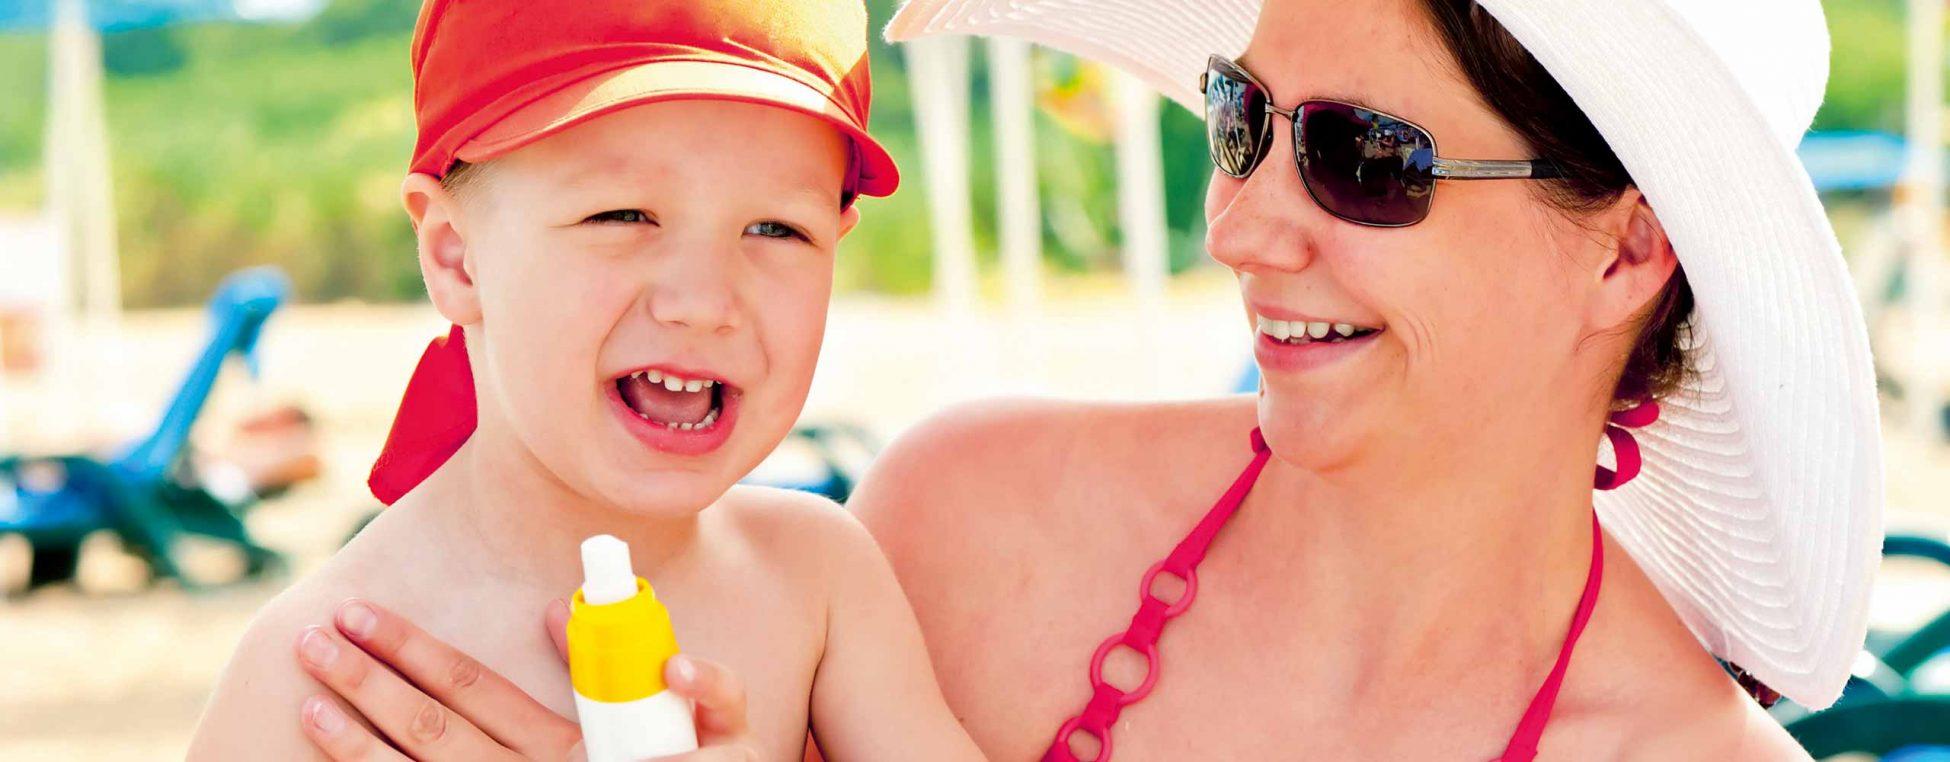 Motiv zur Kampagne Sonne(n) mit Verstand - statt Sonnenbrand - Mutter mit Kleinkind